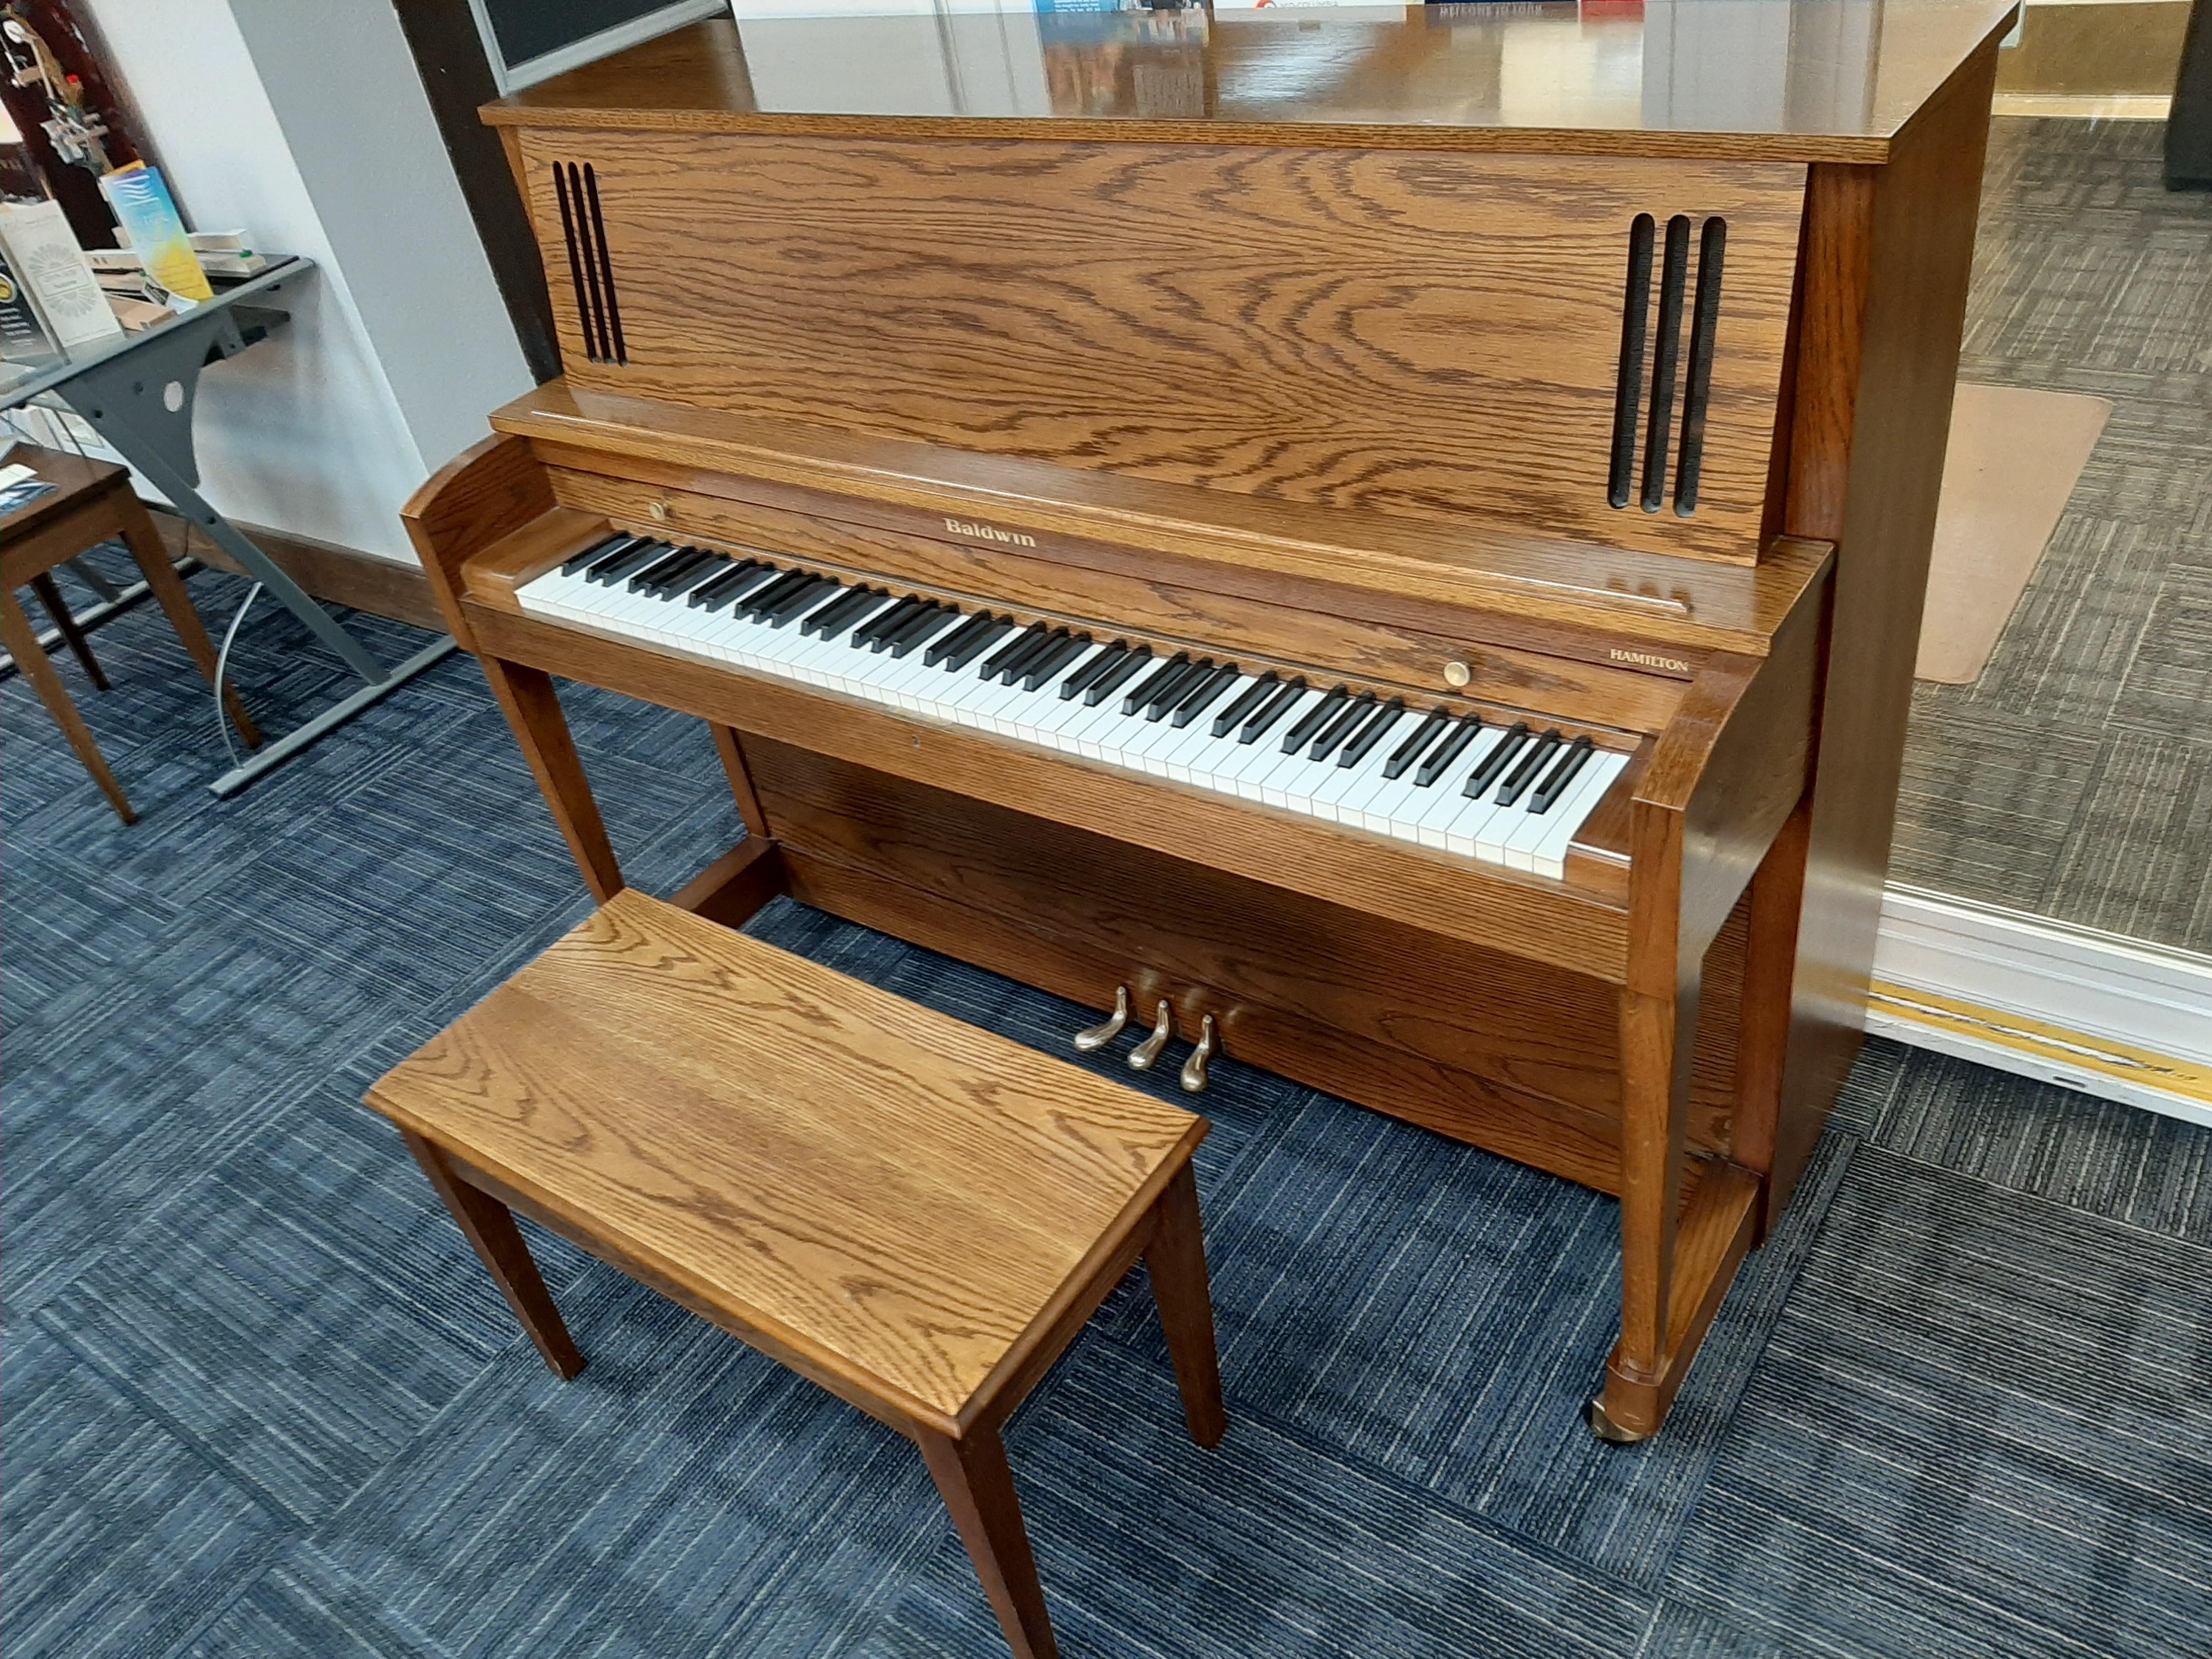 1993 Baldwin Studio $3750